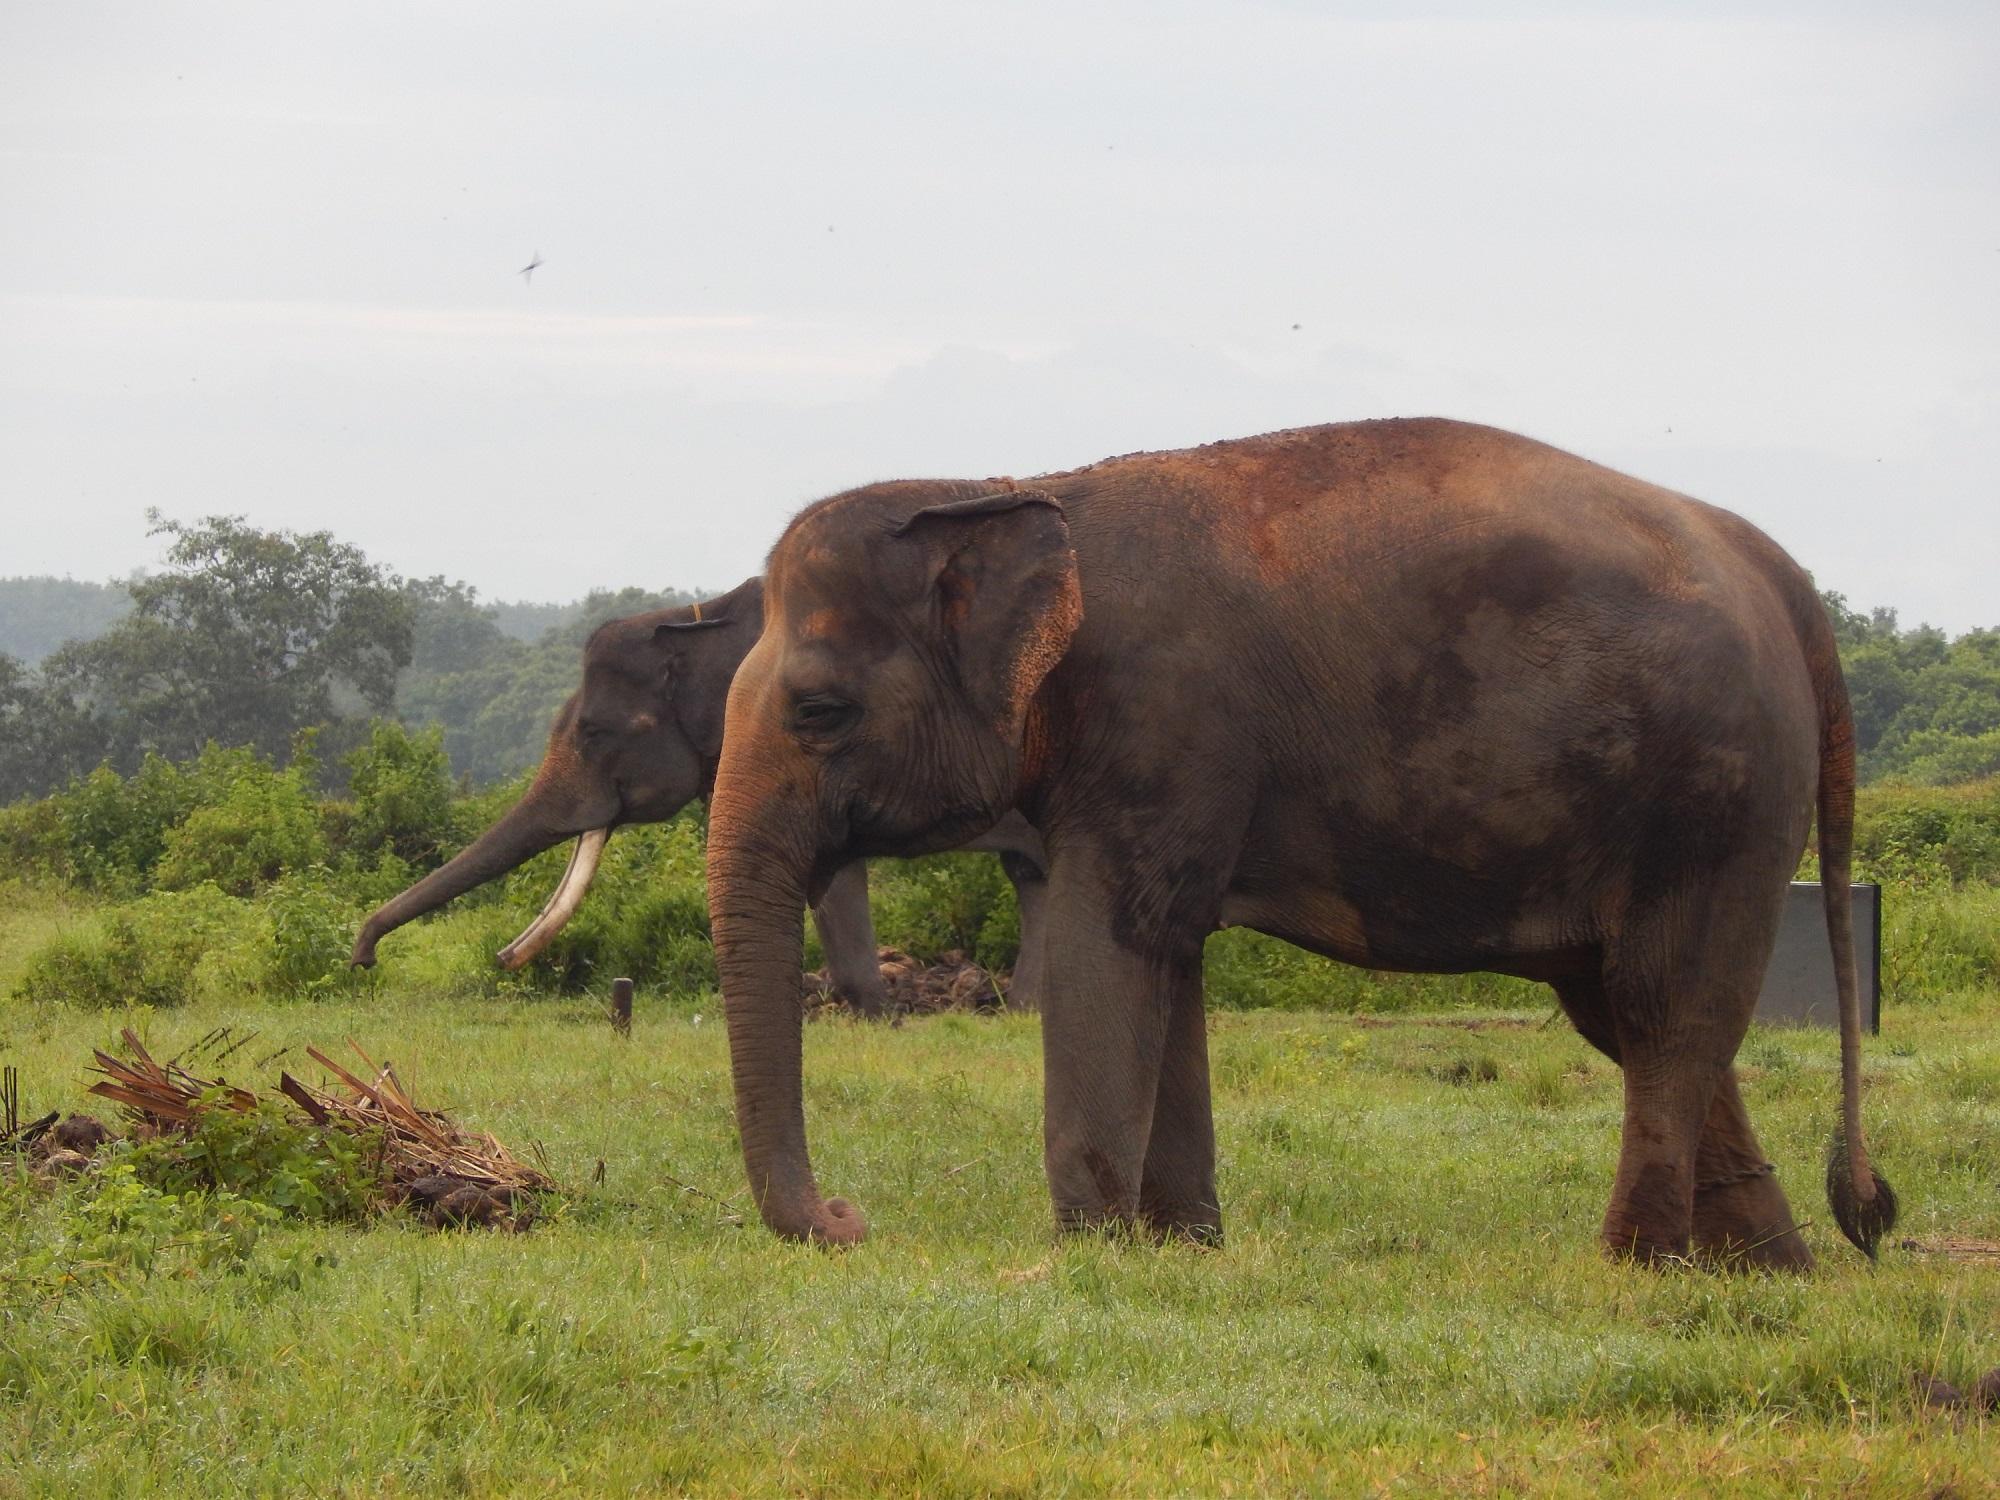 Kelompok Gajah Sumatra yang Dilepas di Kawasan TNWK oleh PKG